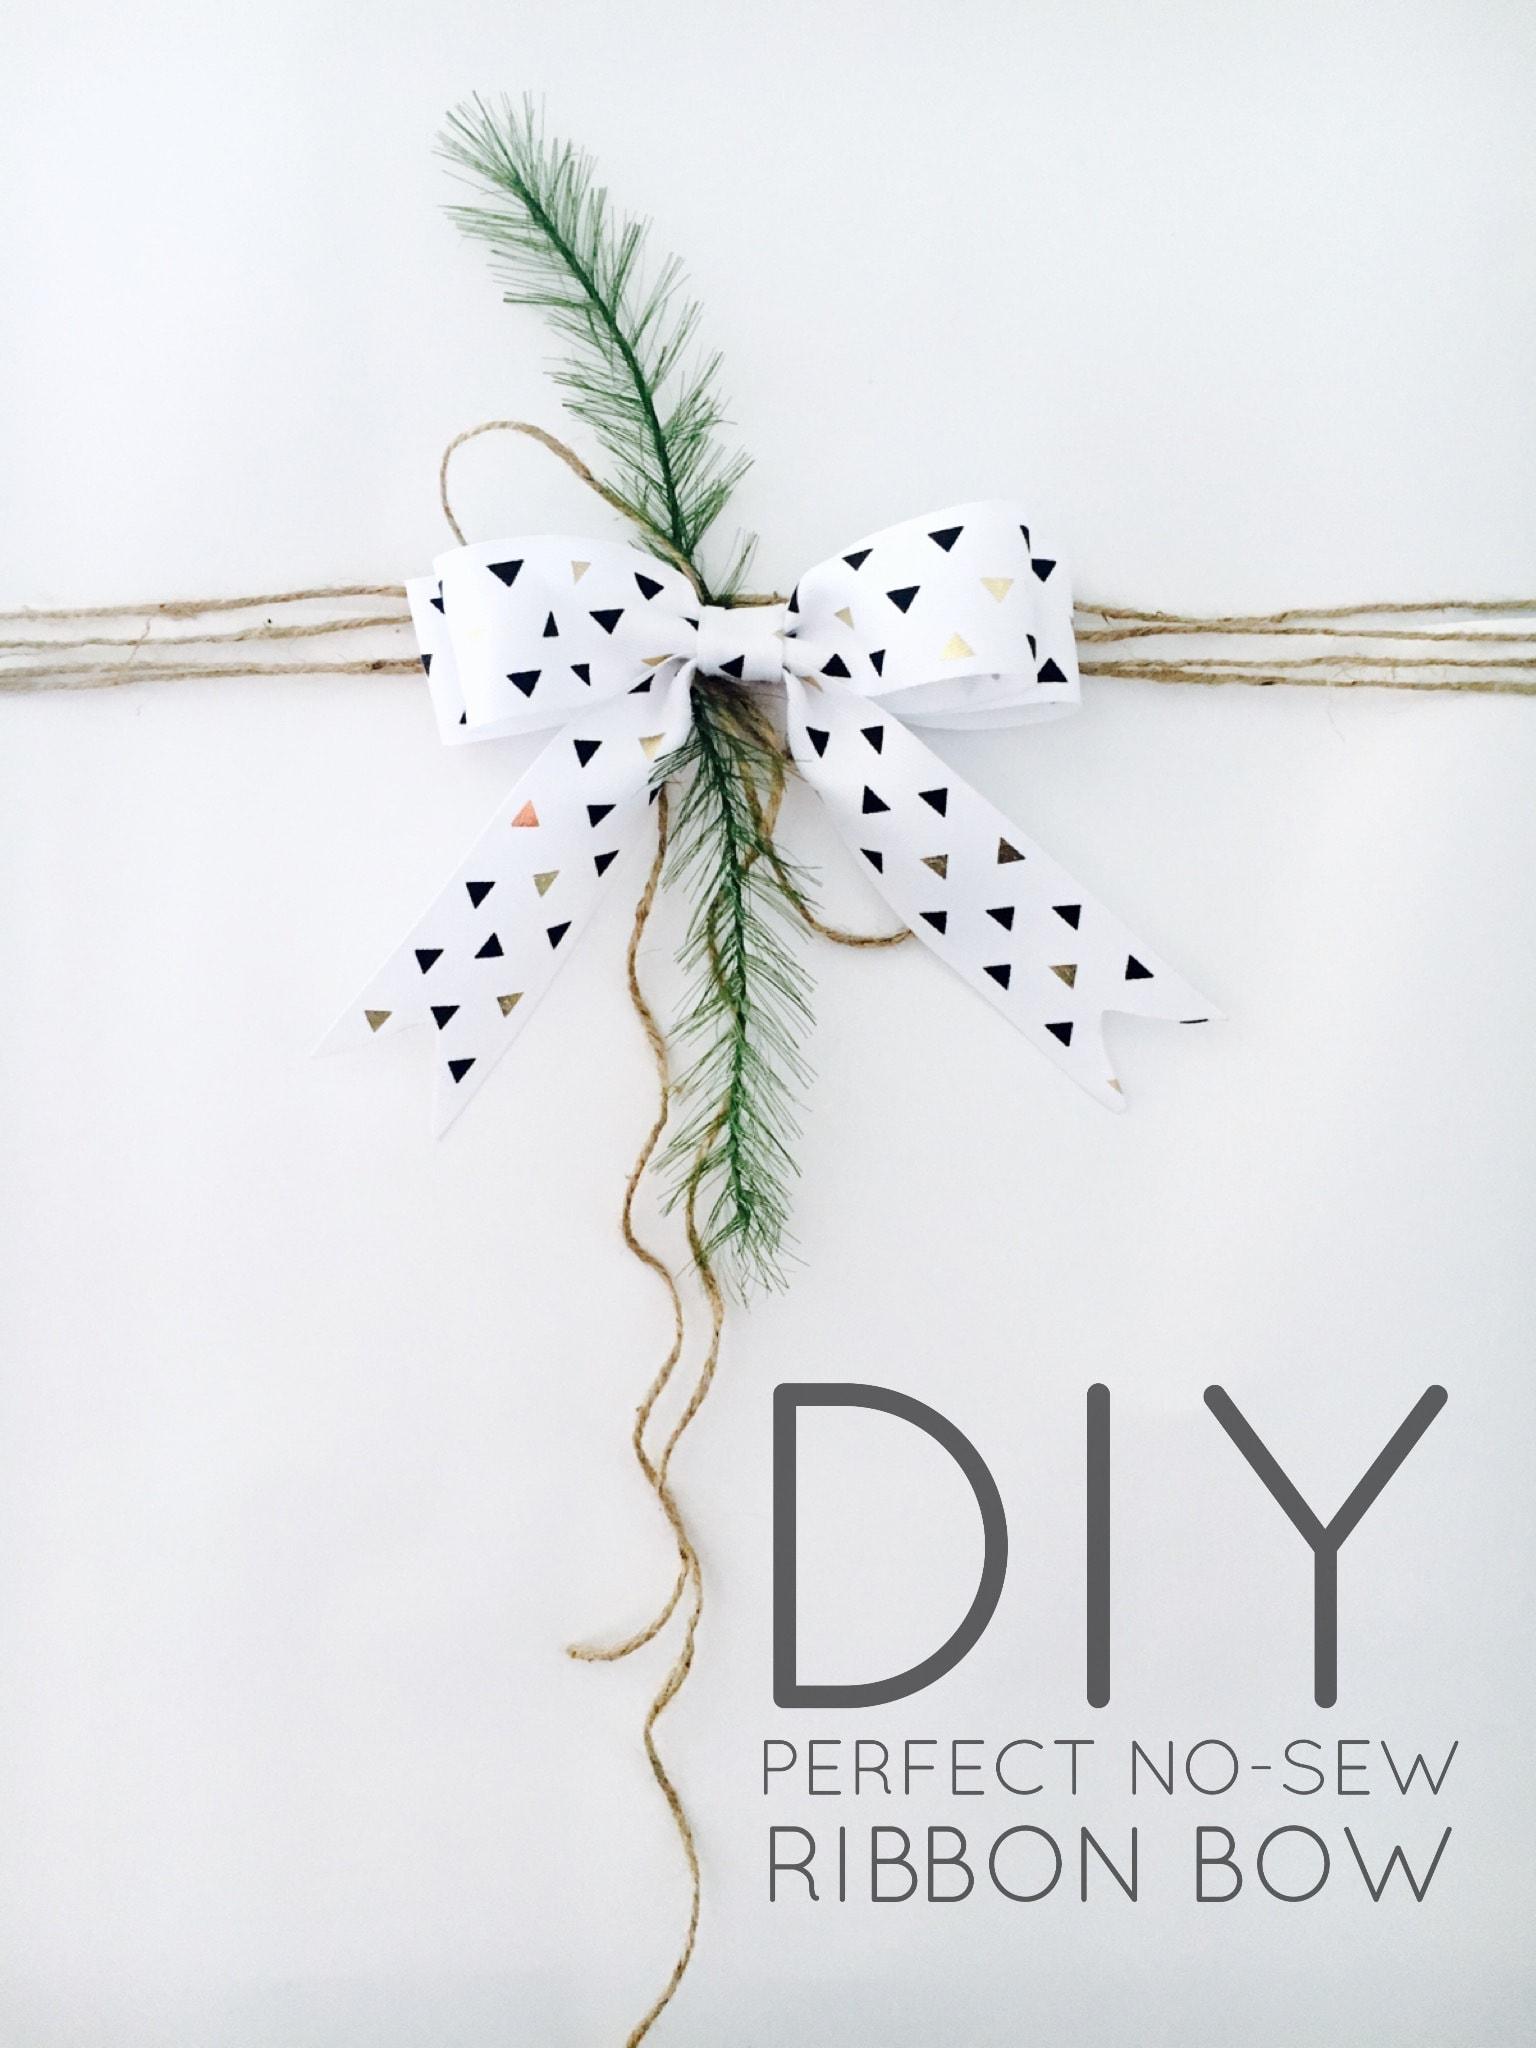 DIY Perfect No-Sew Ribbon Bow